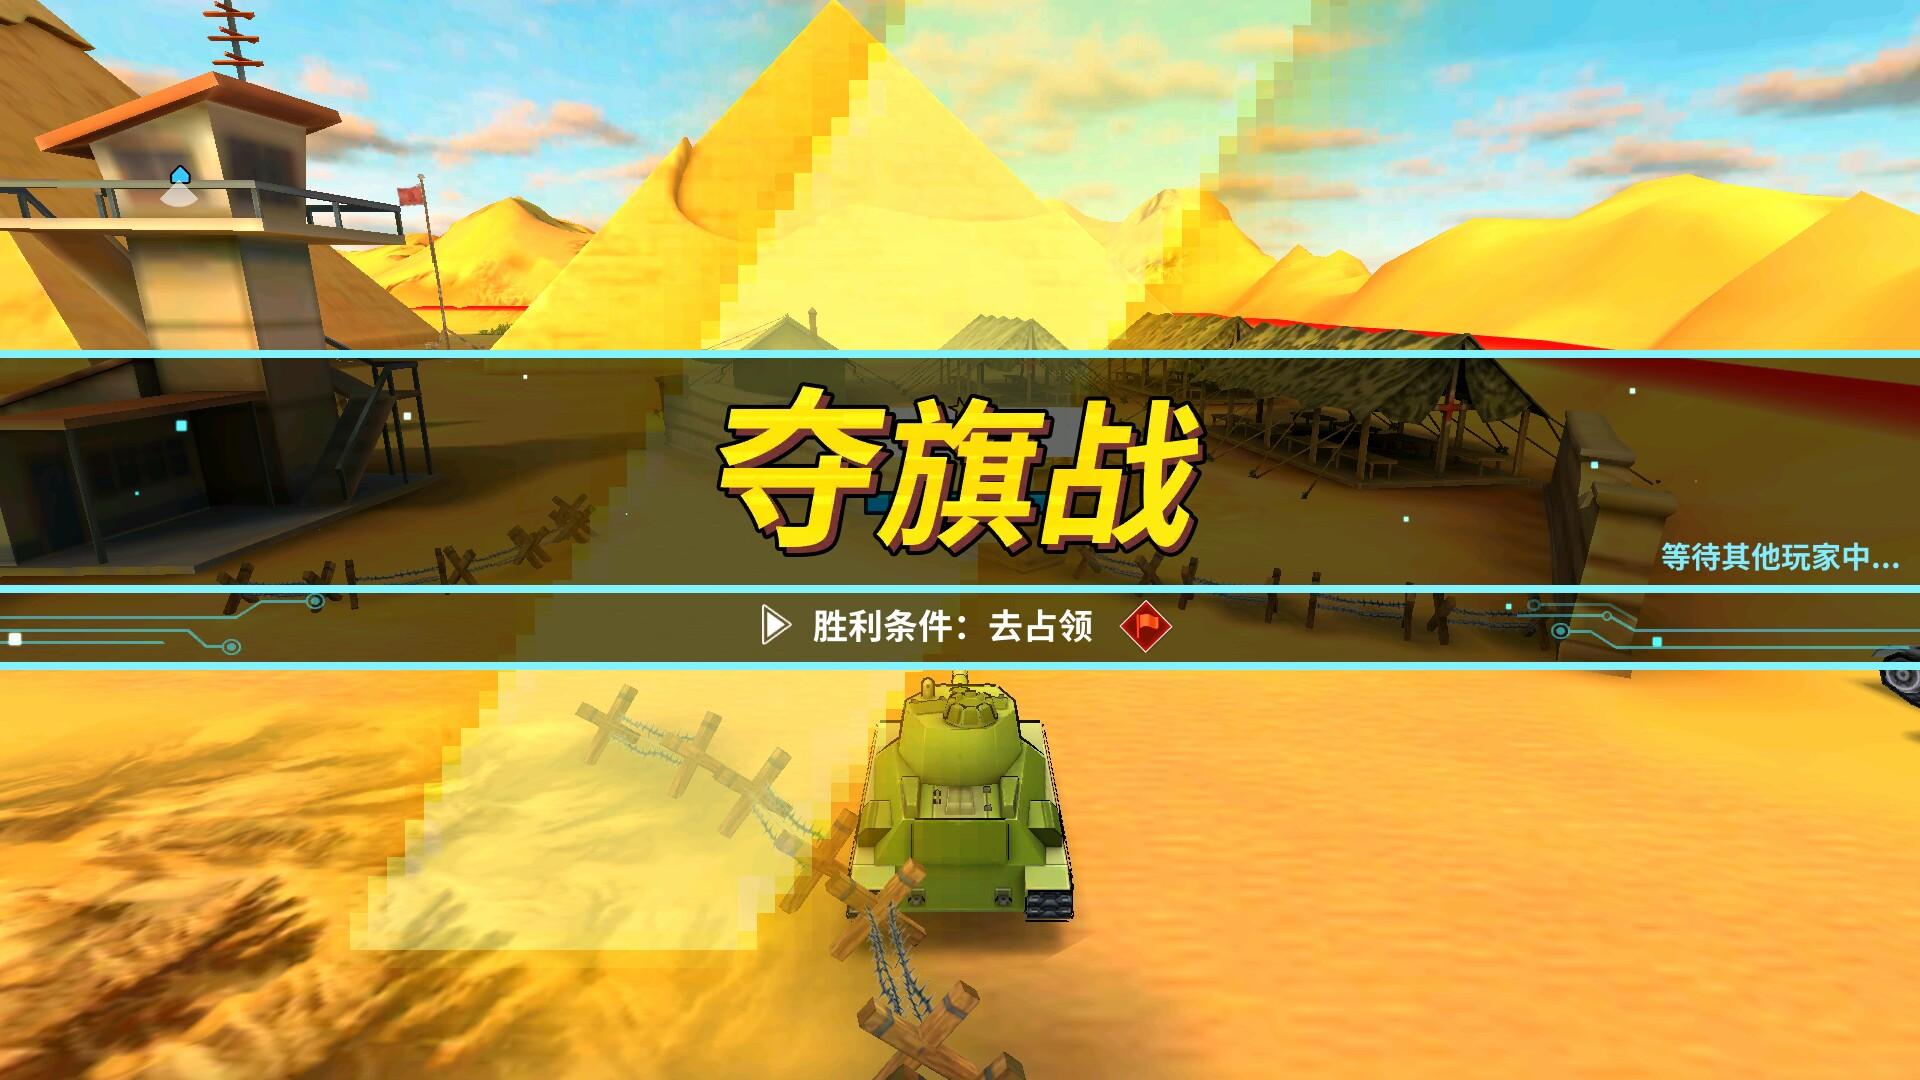 《装甲联盟》游戏截图UI欣赏51